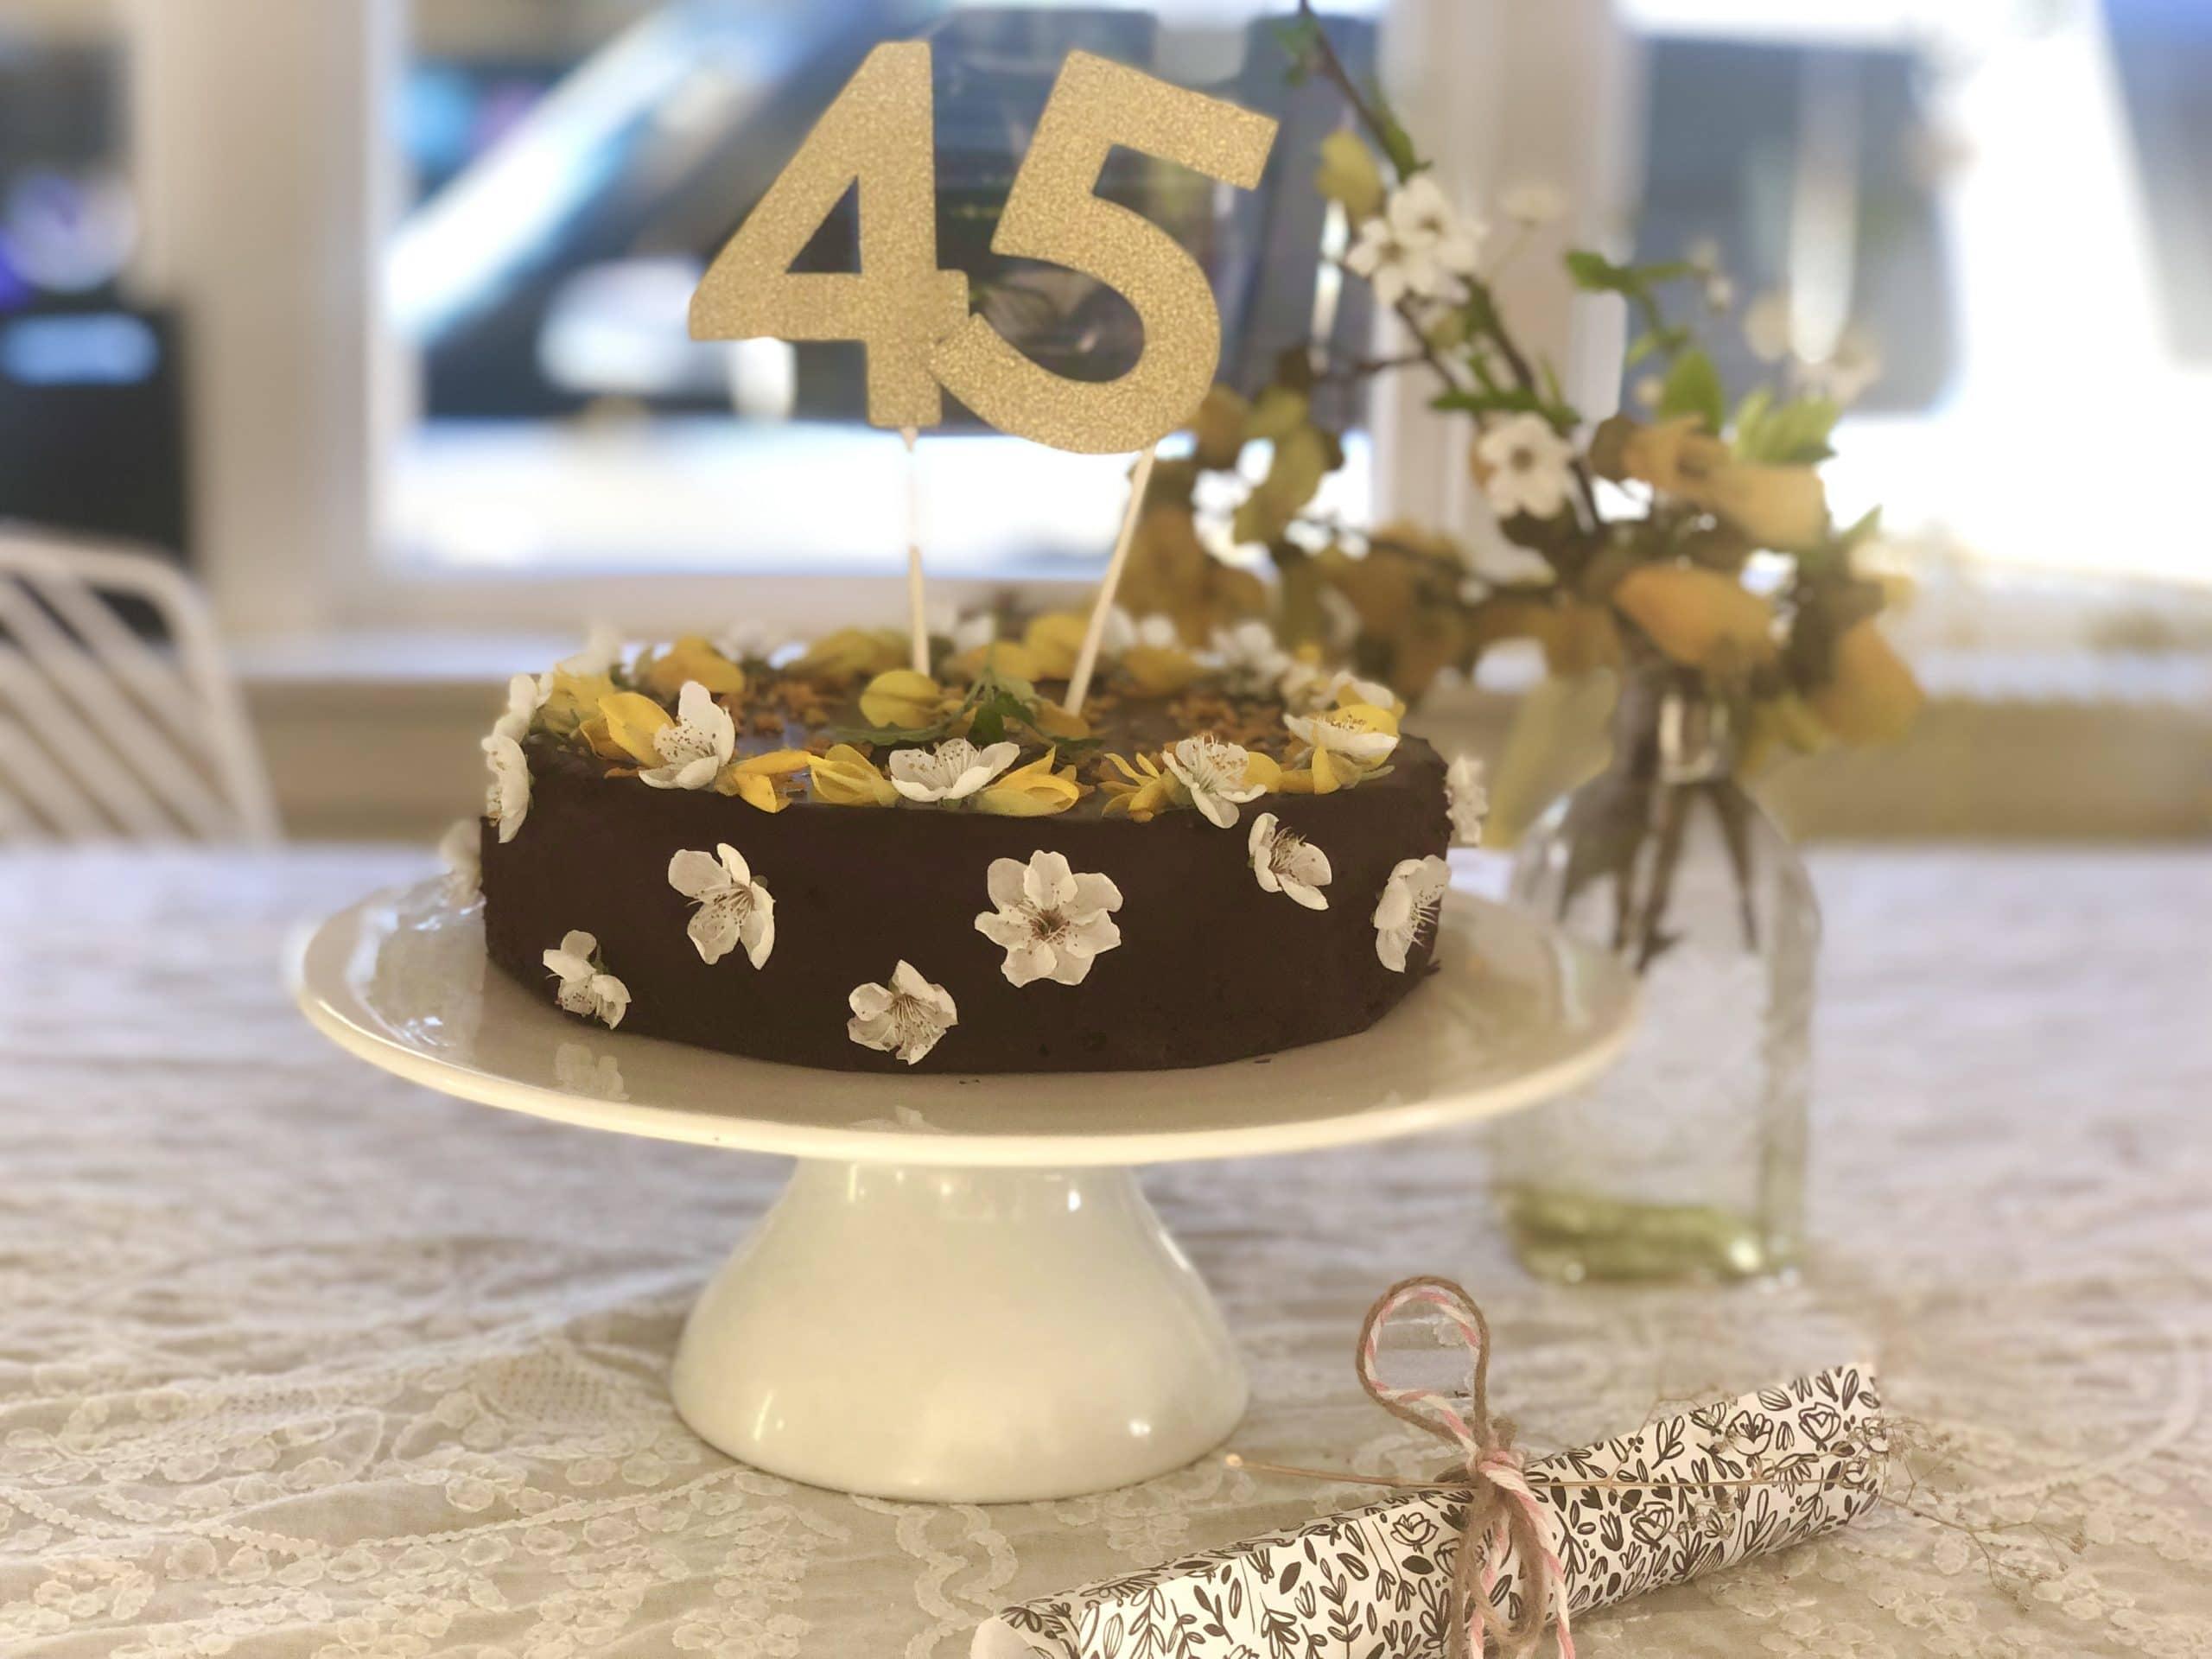 Flourless Dark Chocolate Almond Orange Cake